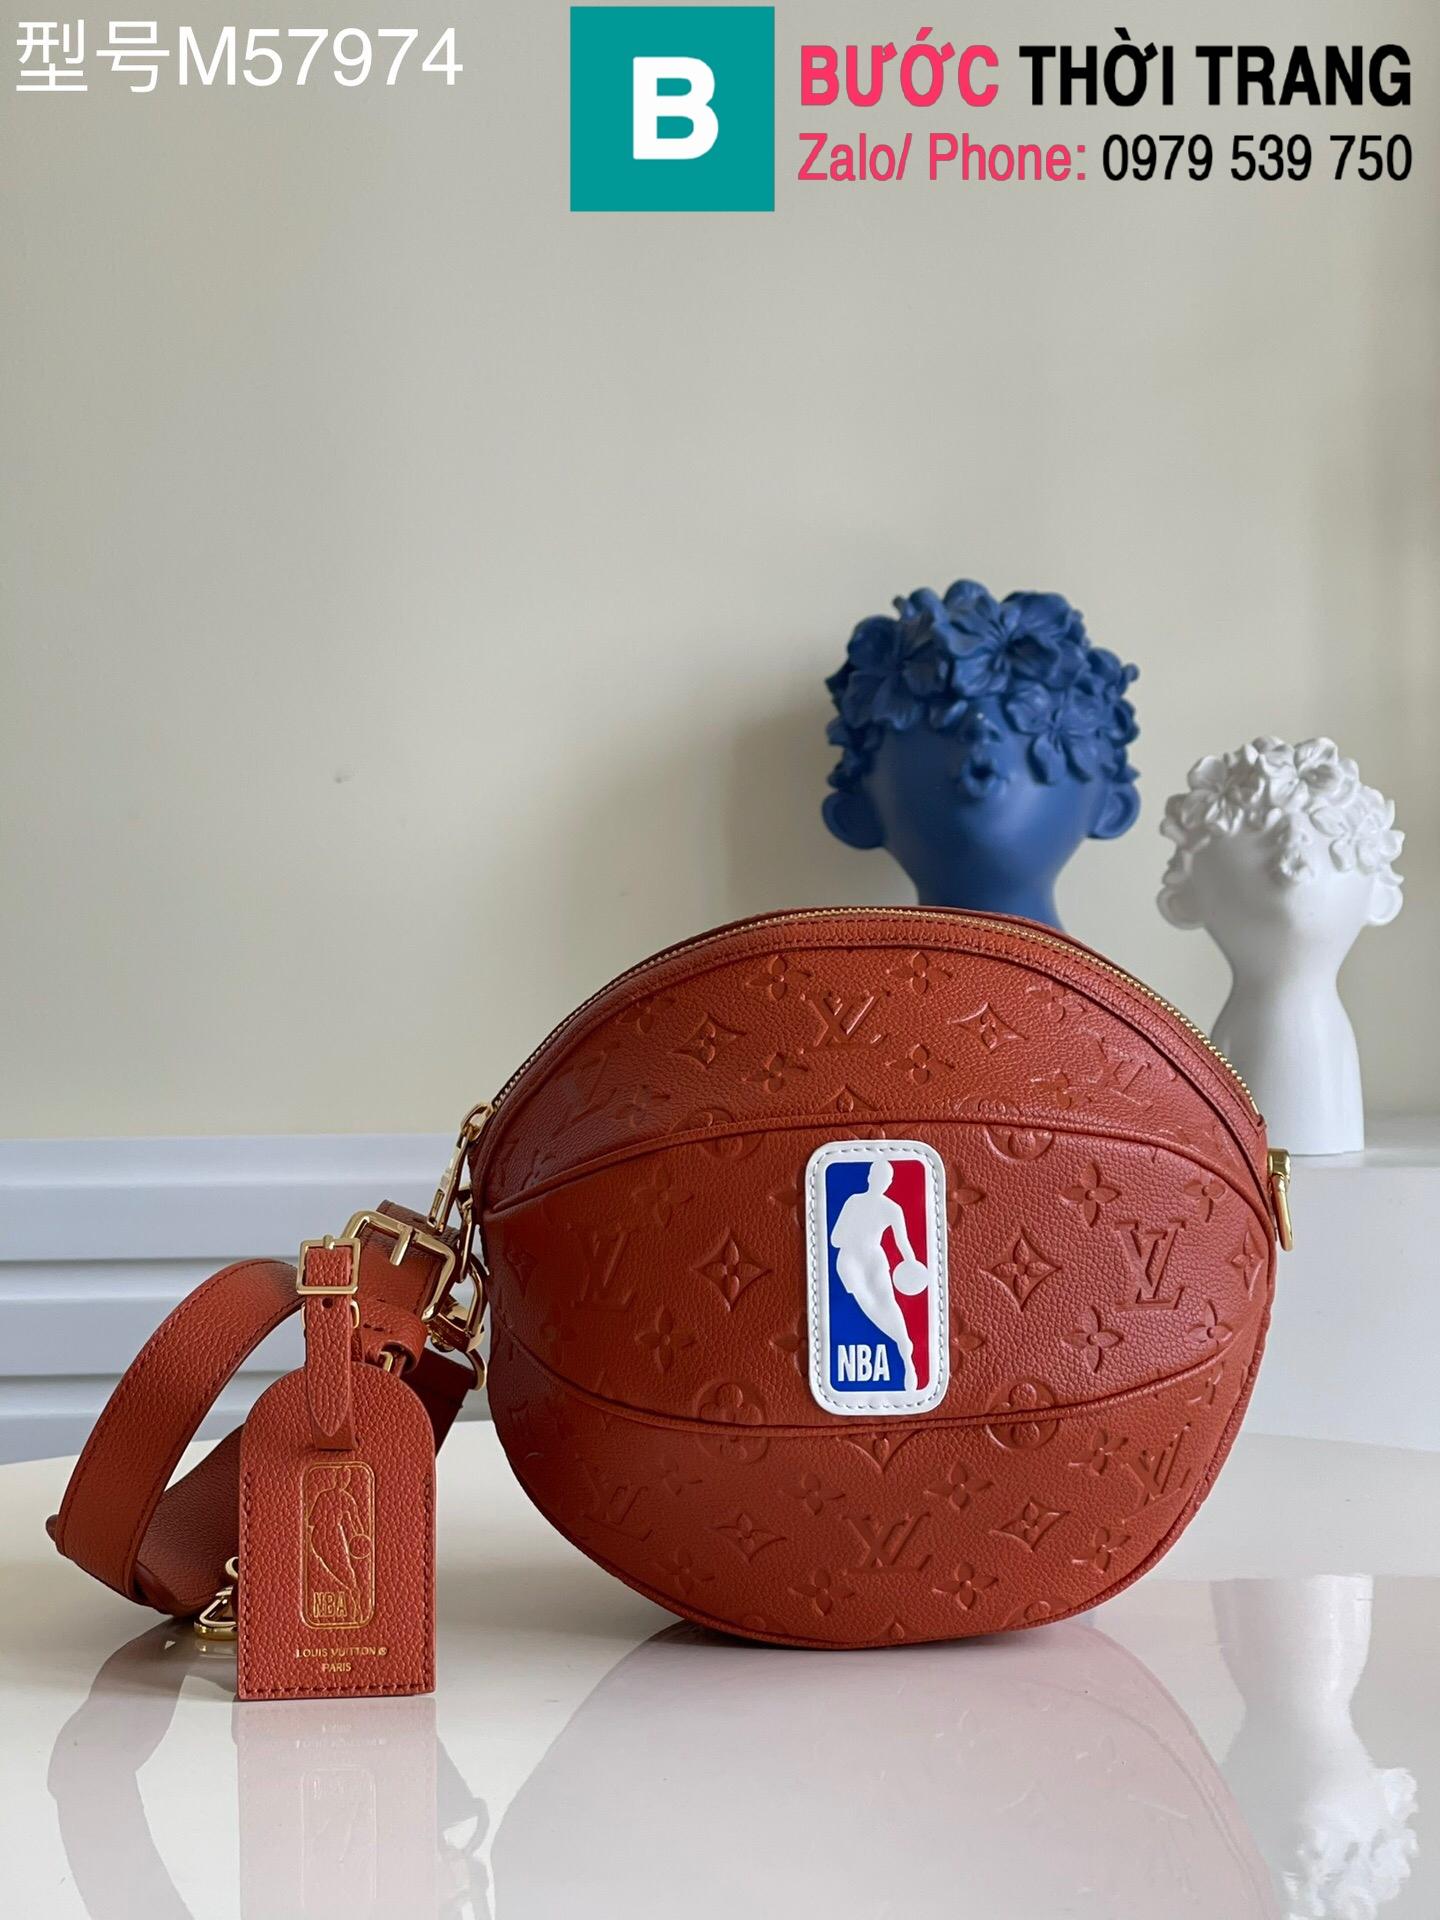 Túi xách Louis Vuitton Lvxnba Ball in basket (1)